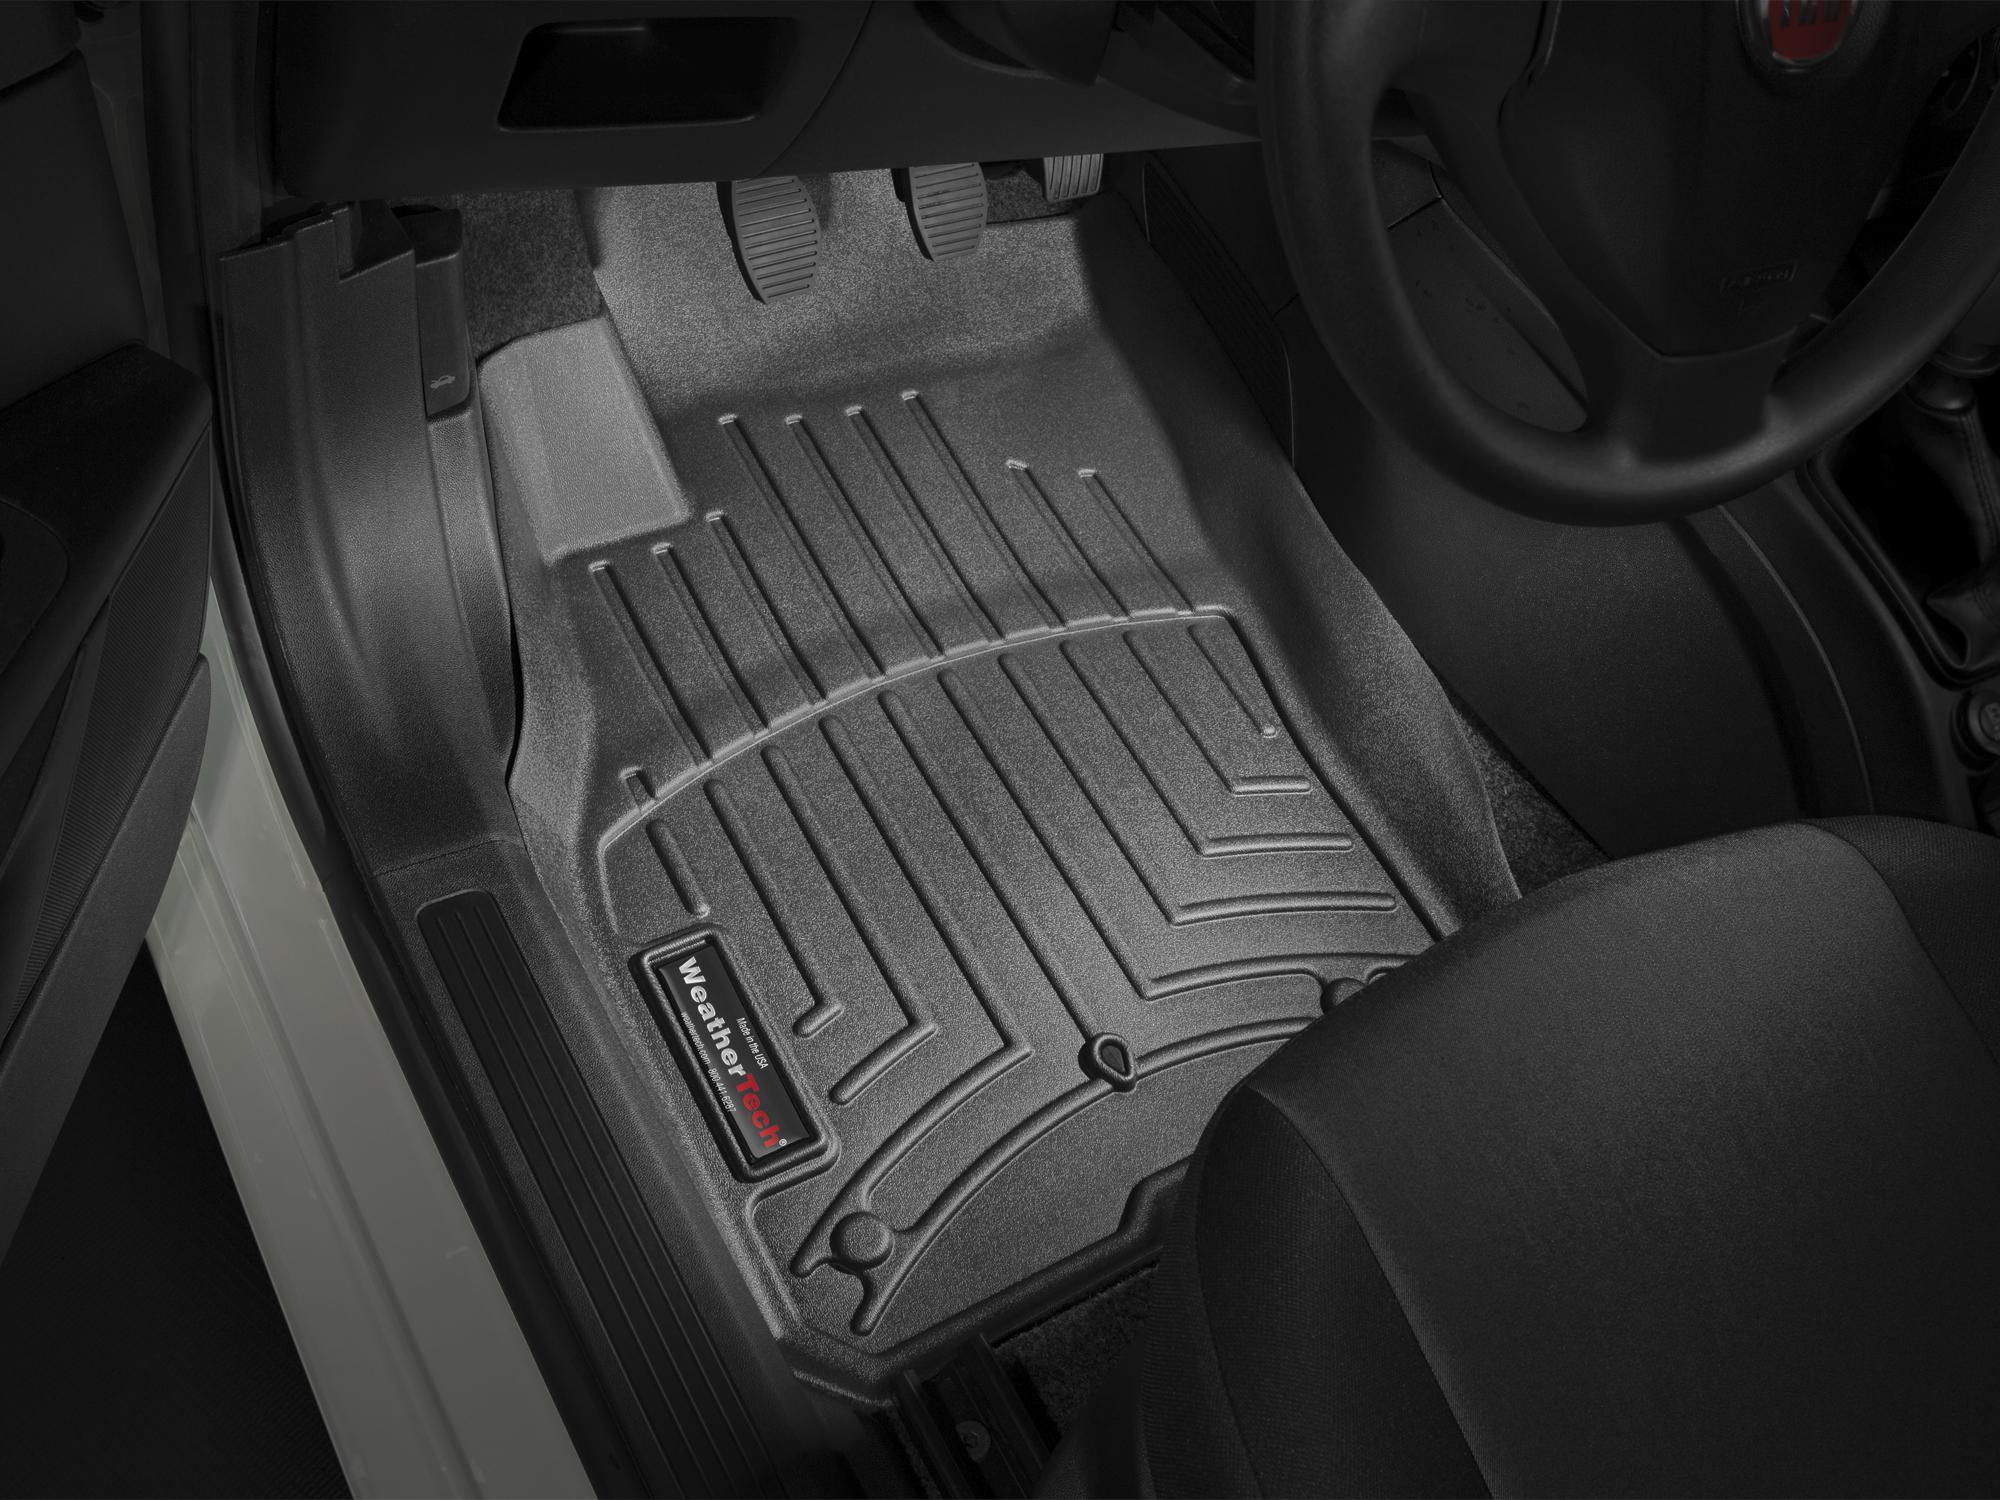 Tappeti gomma su misura bordo alto Fiat Grande Punto 05>17 Nero A803*